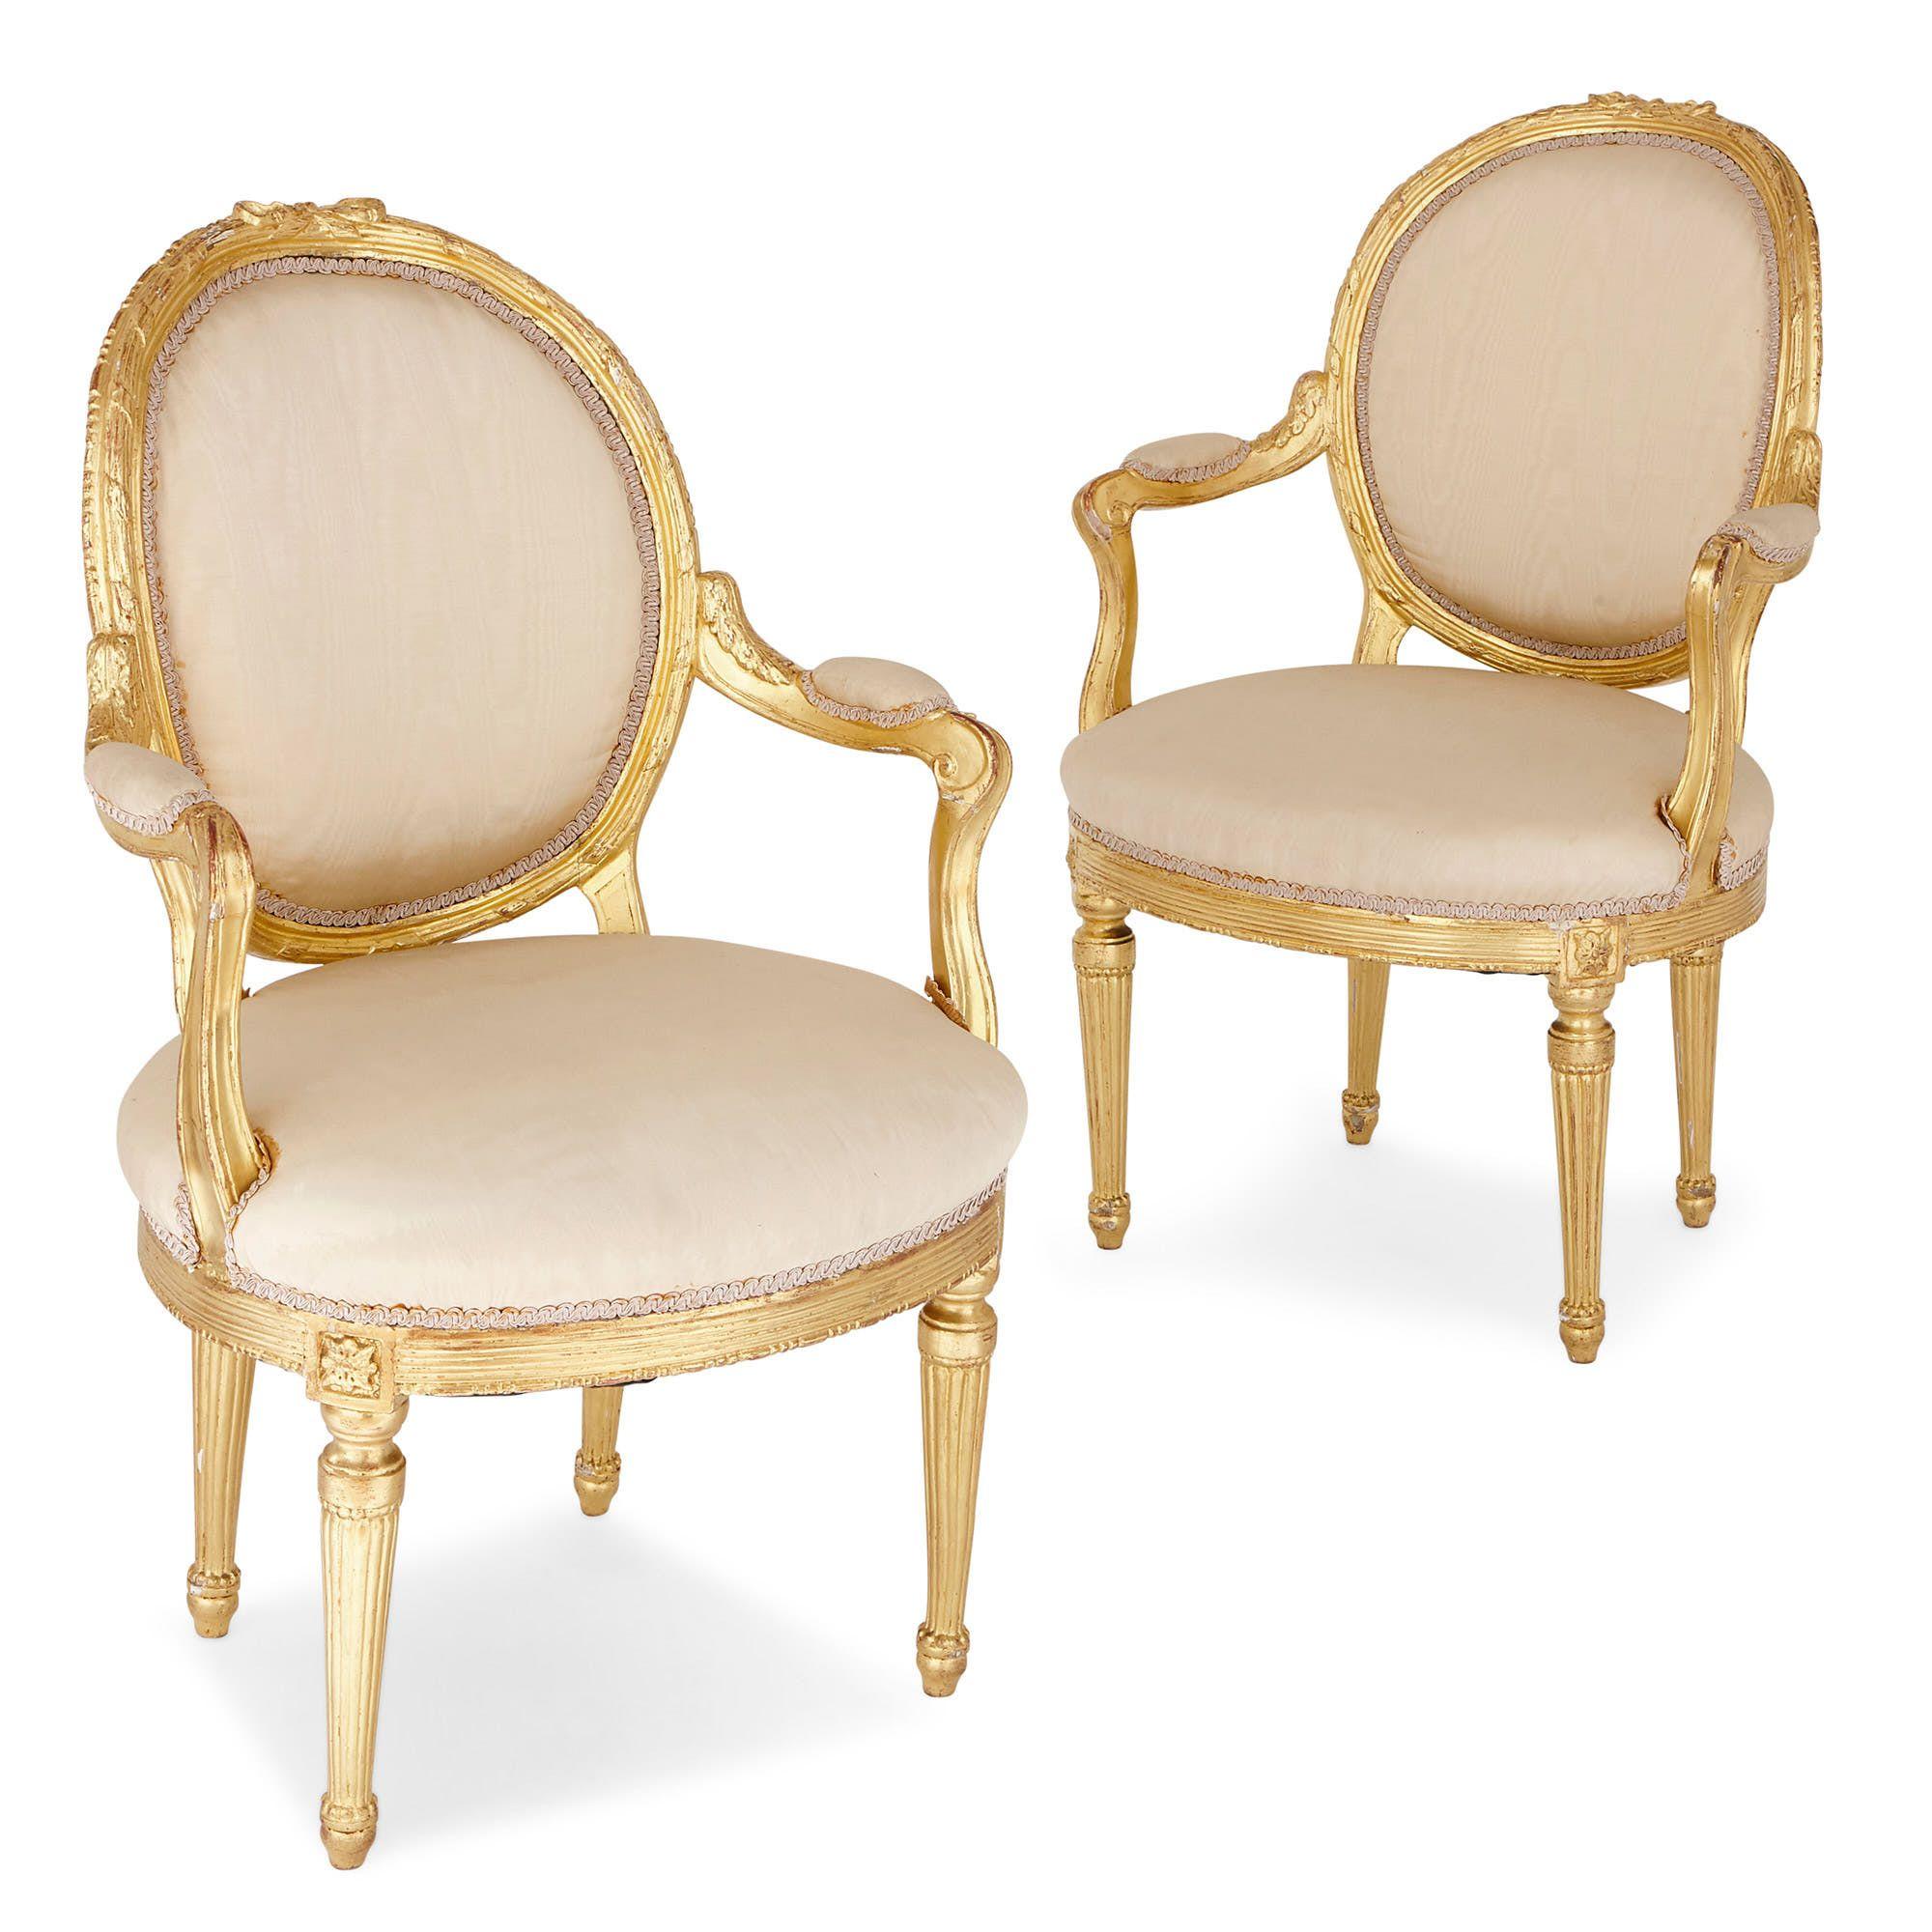 Pair Of Antique Louis Xvi Style